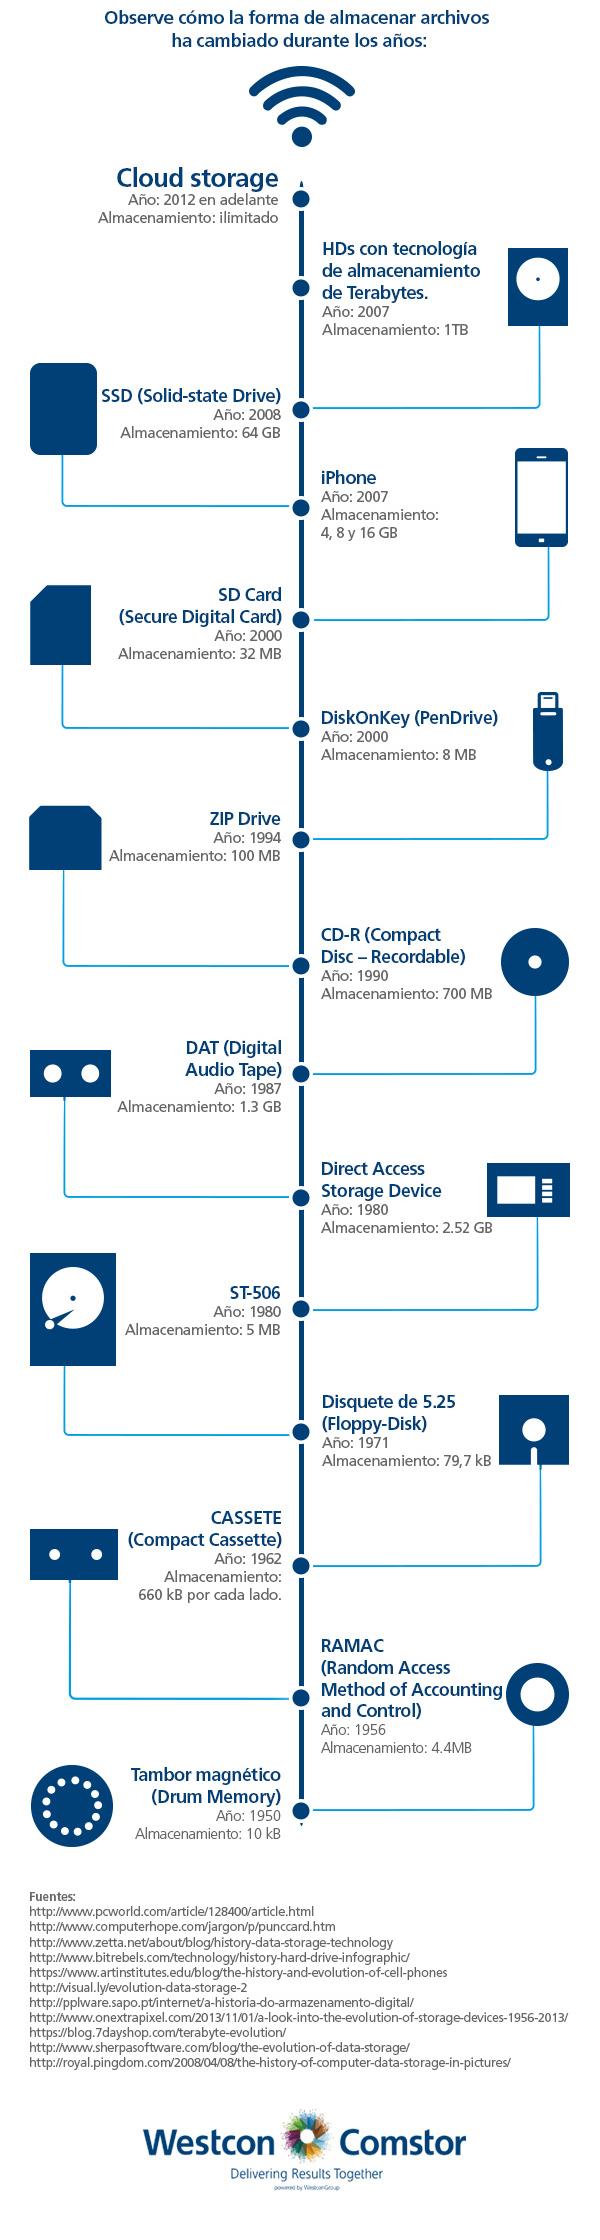 070---[Infográfico]-La-evolución-del-almacenamiento-de-datos_semheader.png